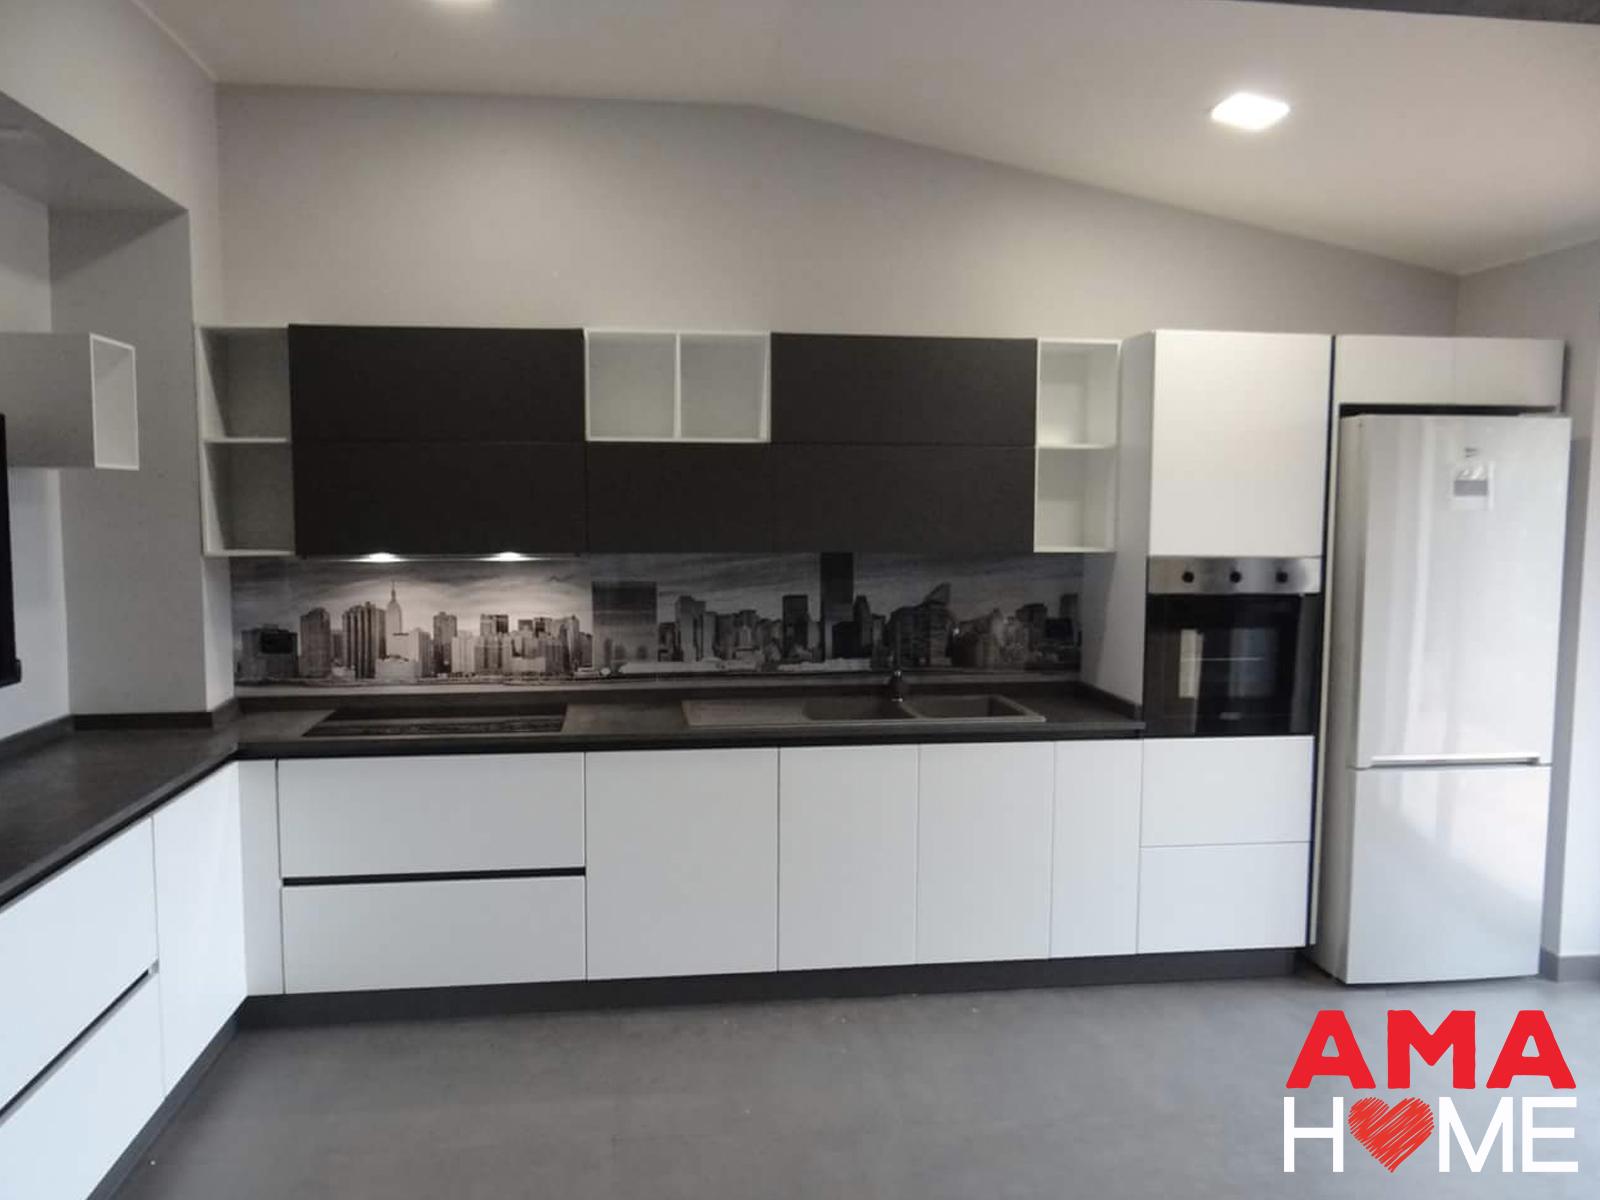 Come arredare una cucina moderna in bianco e nero amahome - Cucina tutta bianca ...